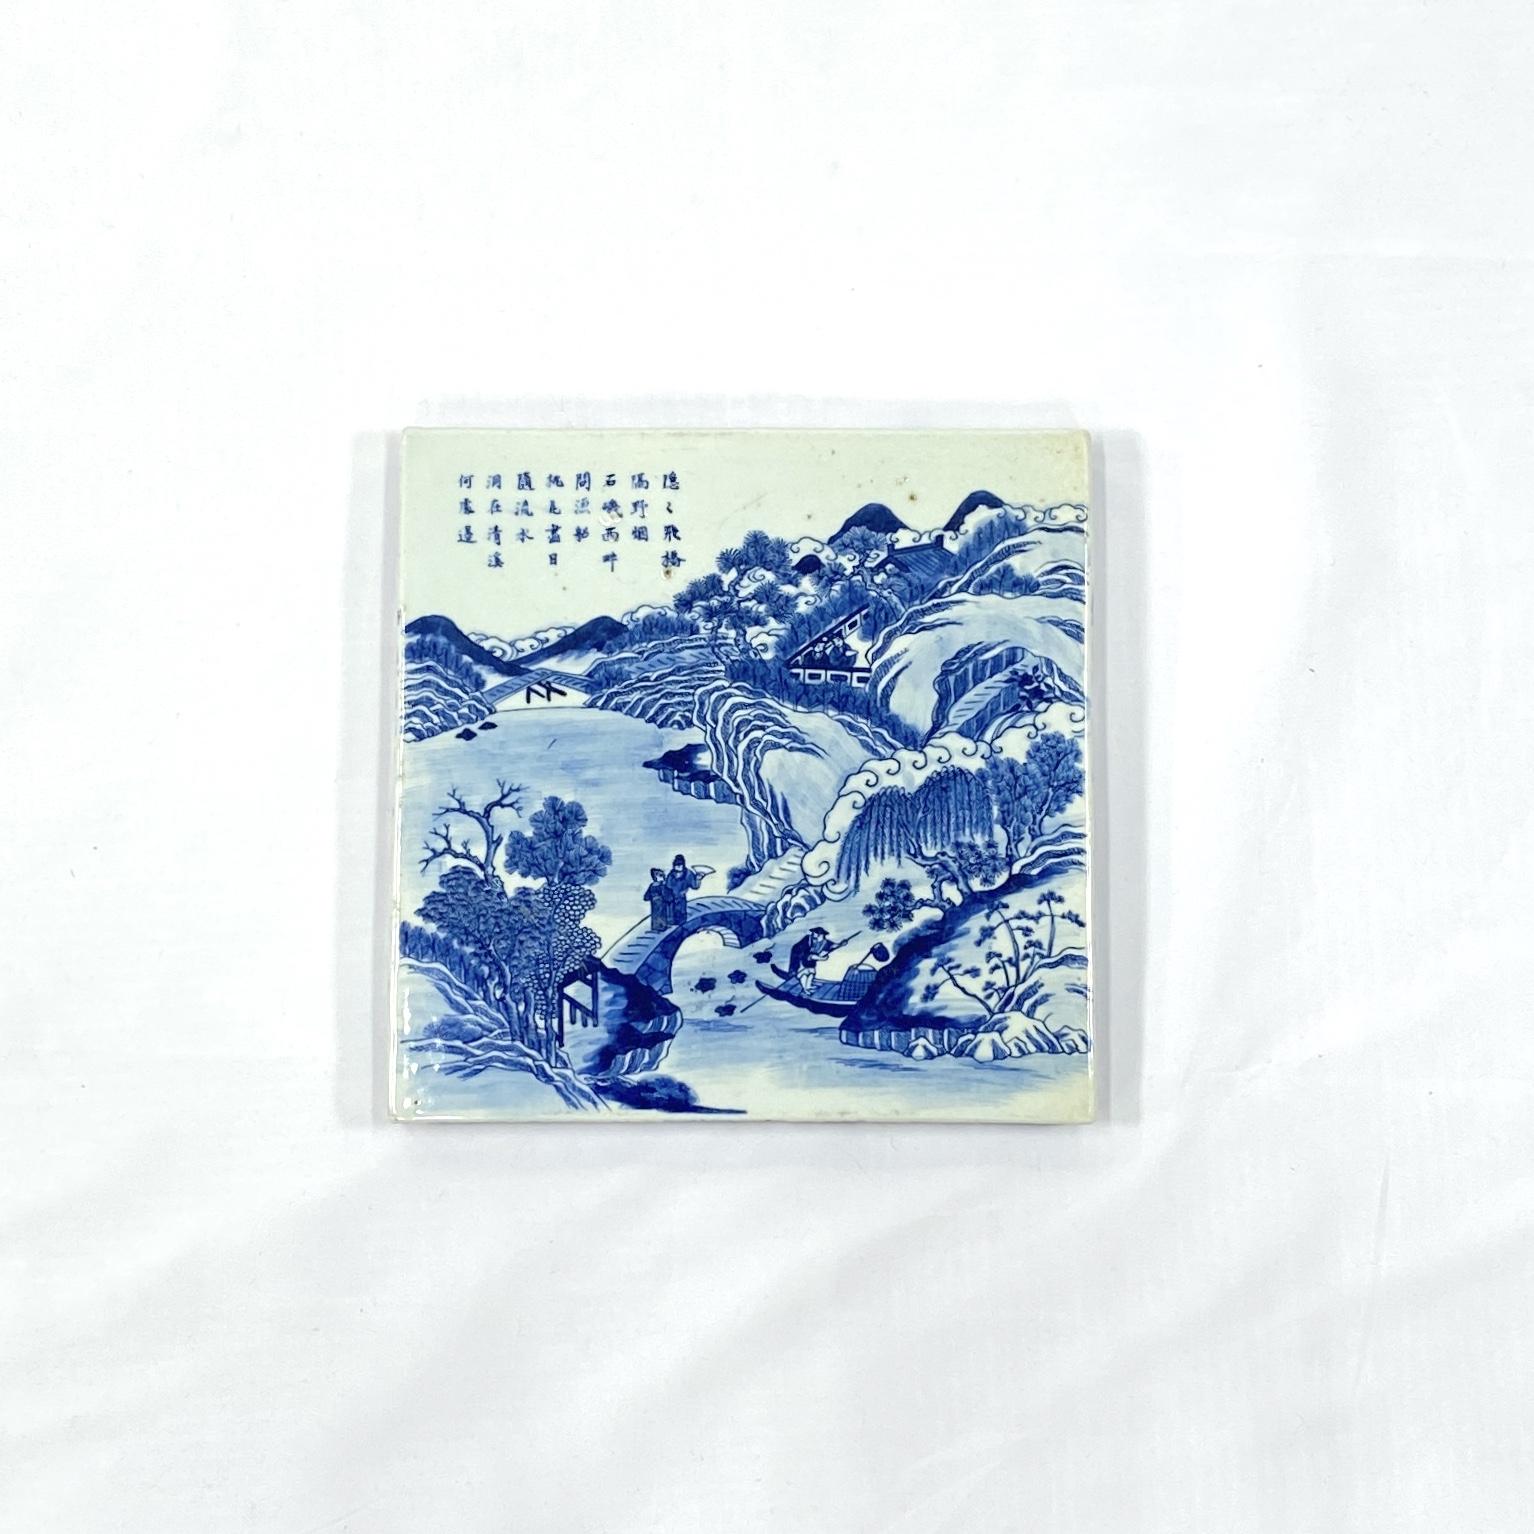 10146清「嘉慶年製」款 青花 山水人物図 陶板